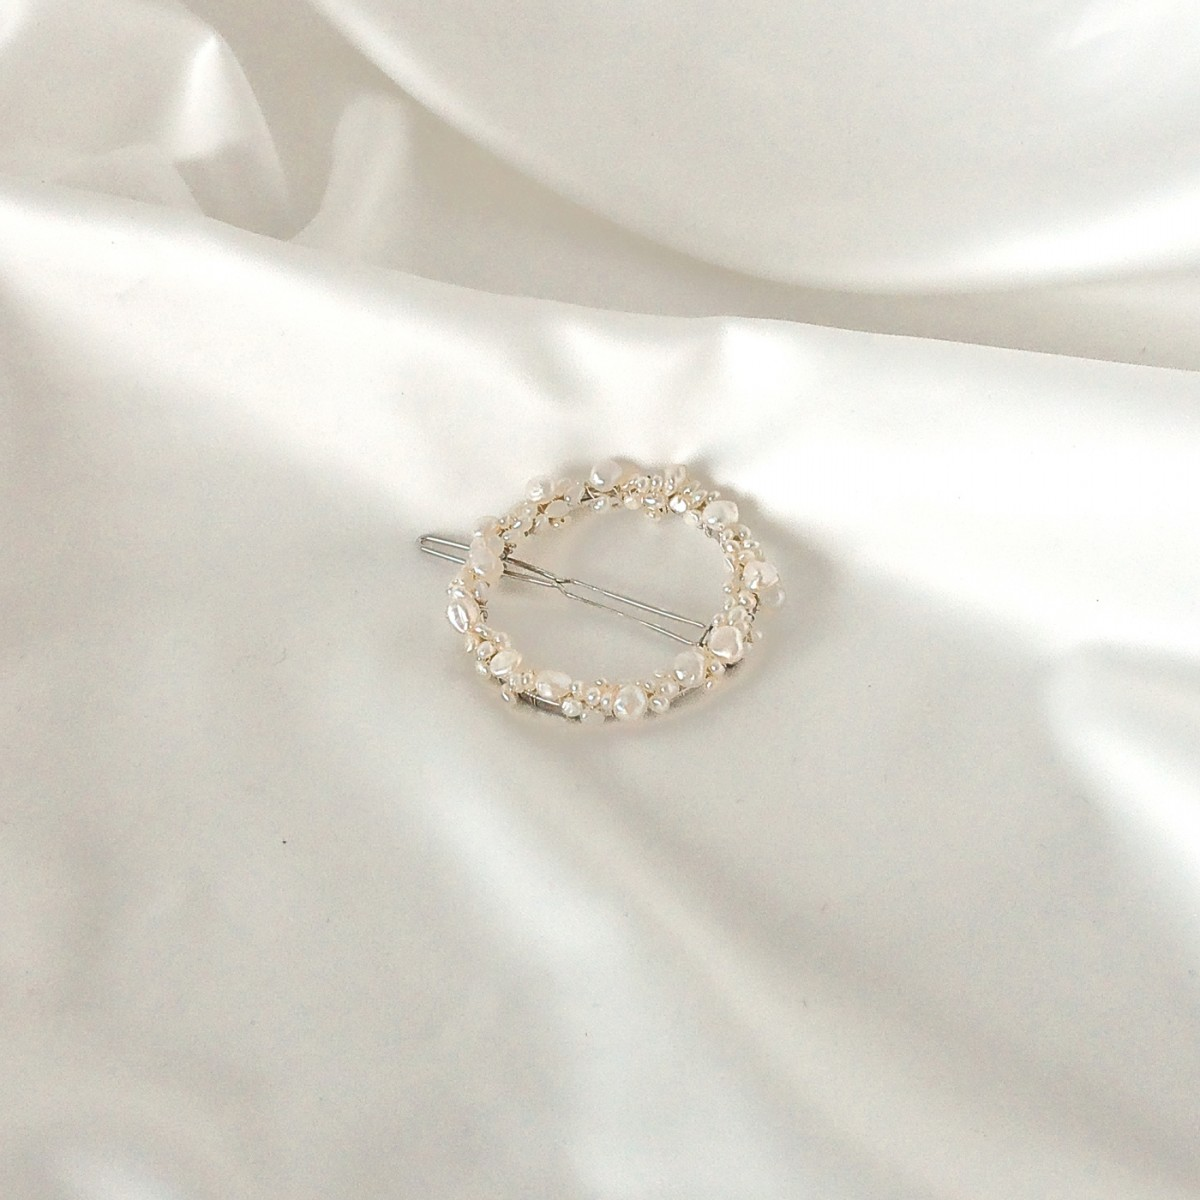 ST'ATOUR MAGNA FULL - Haarspange mit Perlen in Gold, Silber oder Roségold